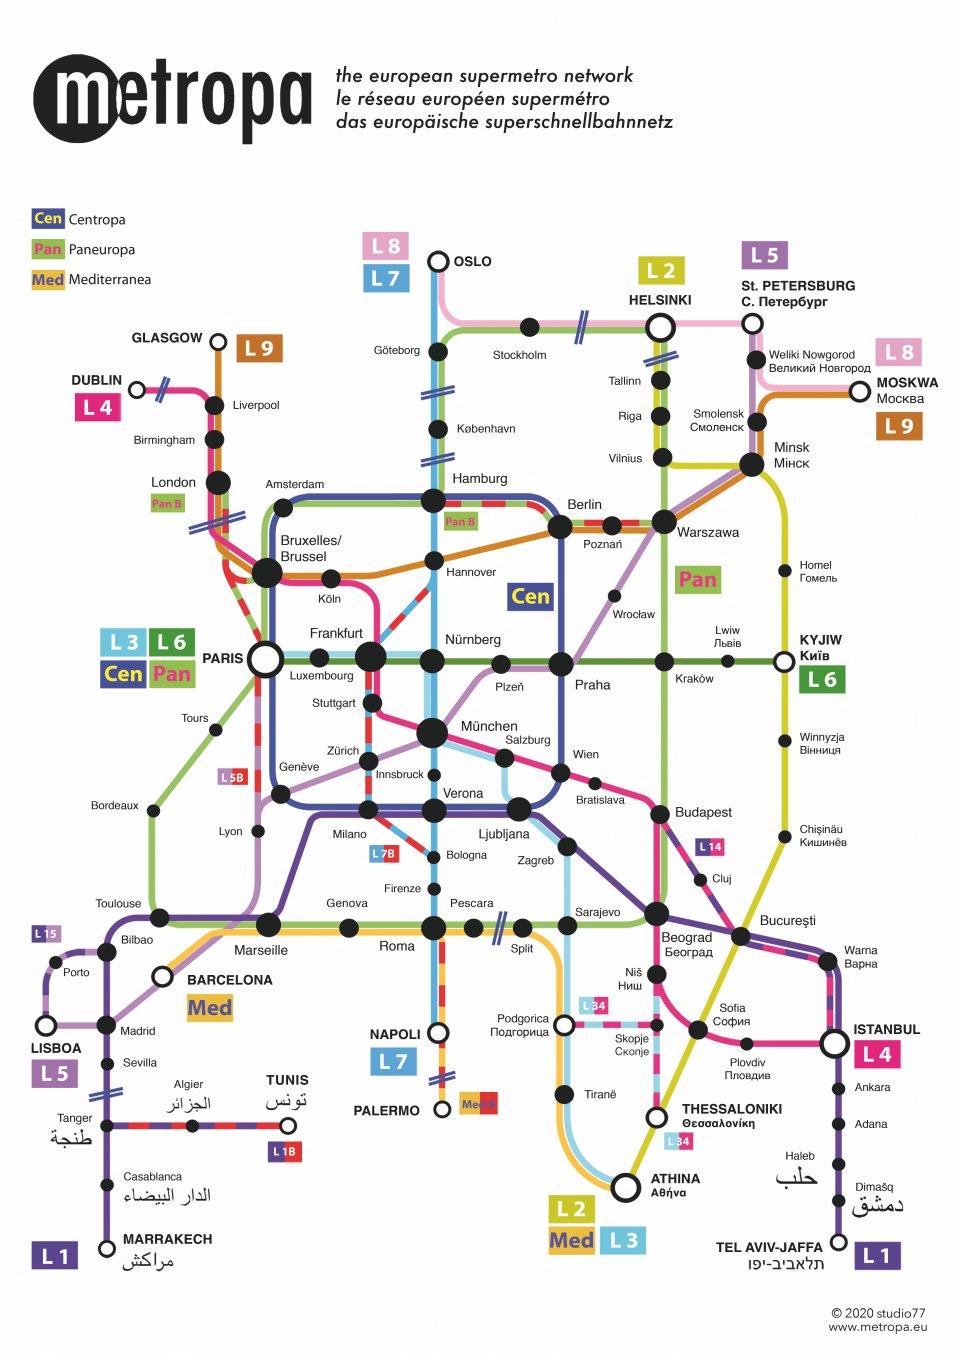 Metropa